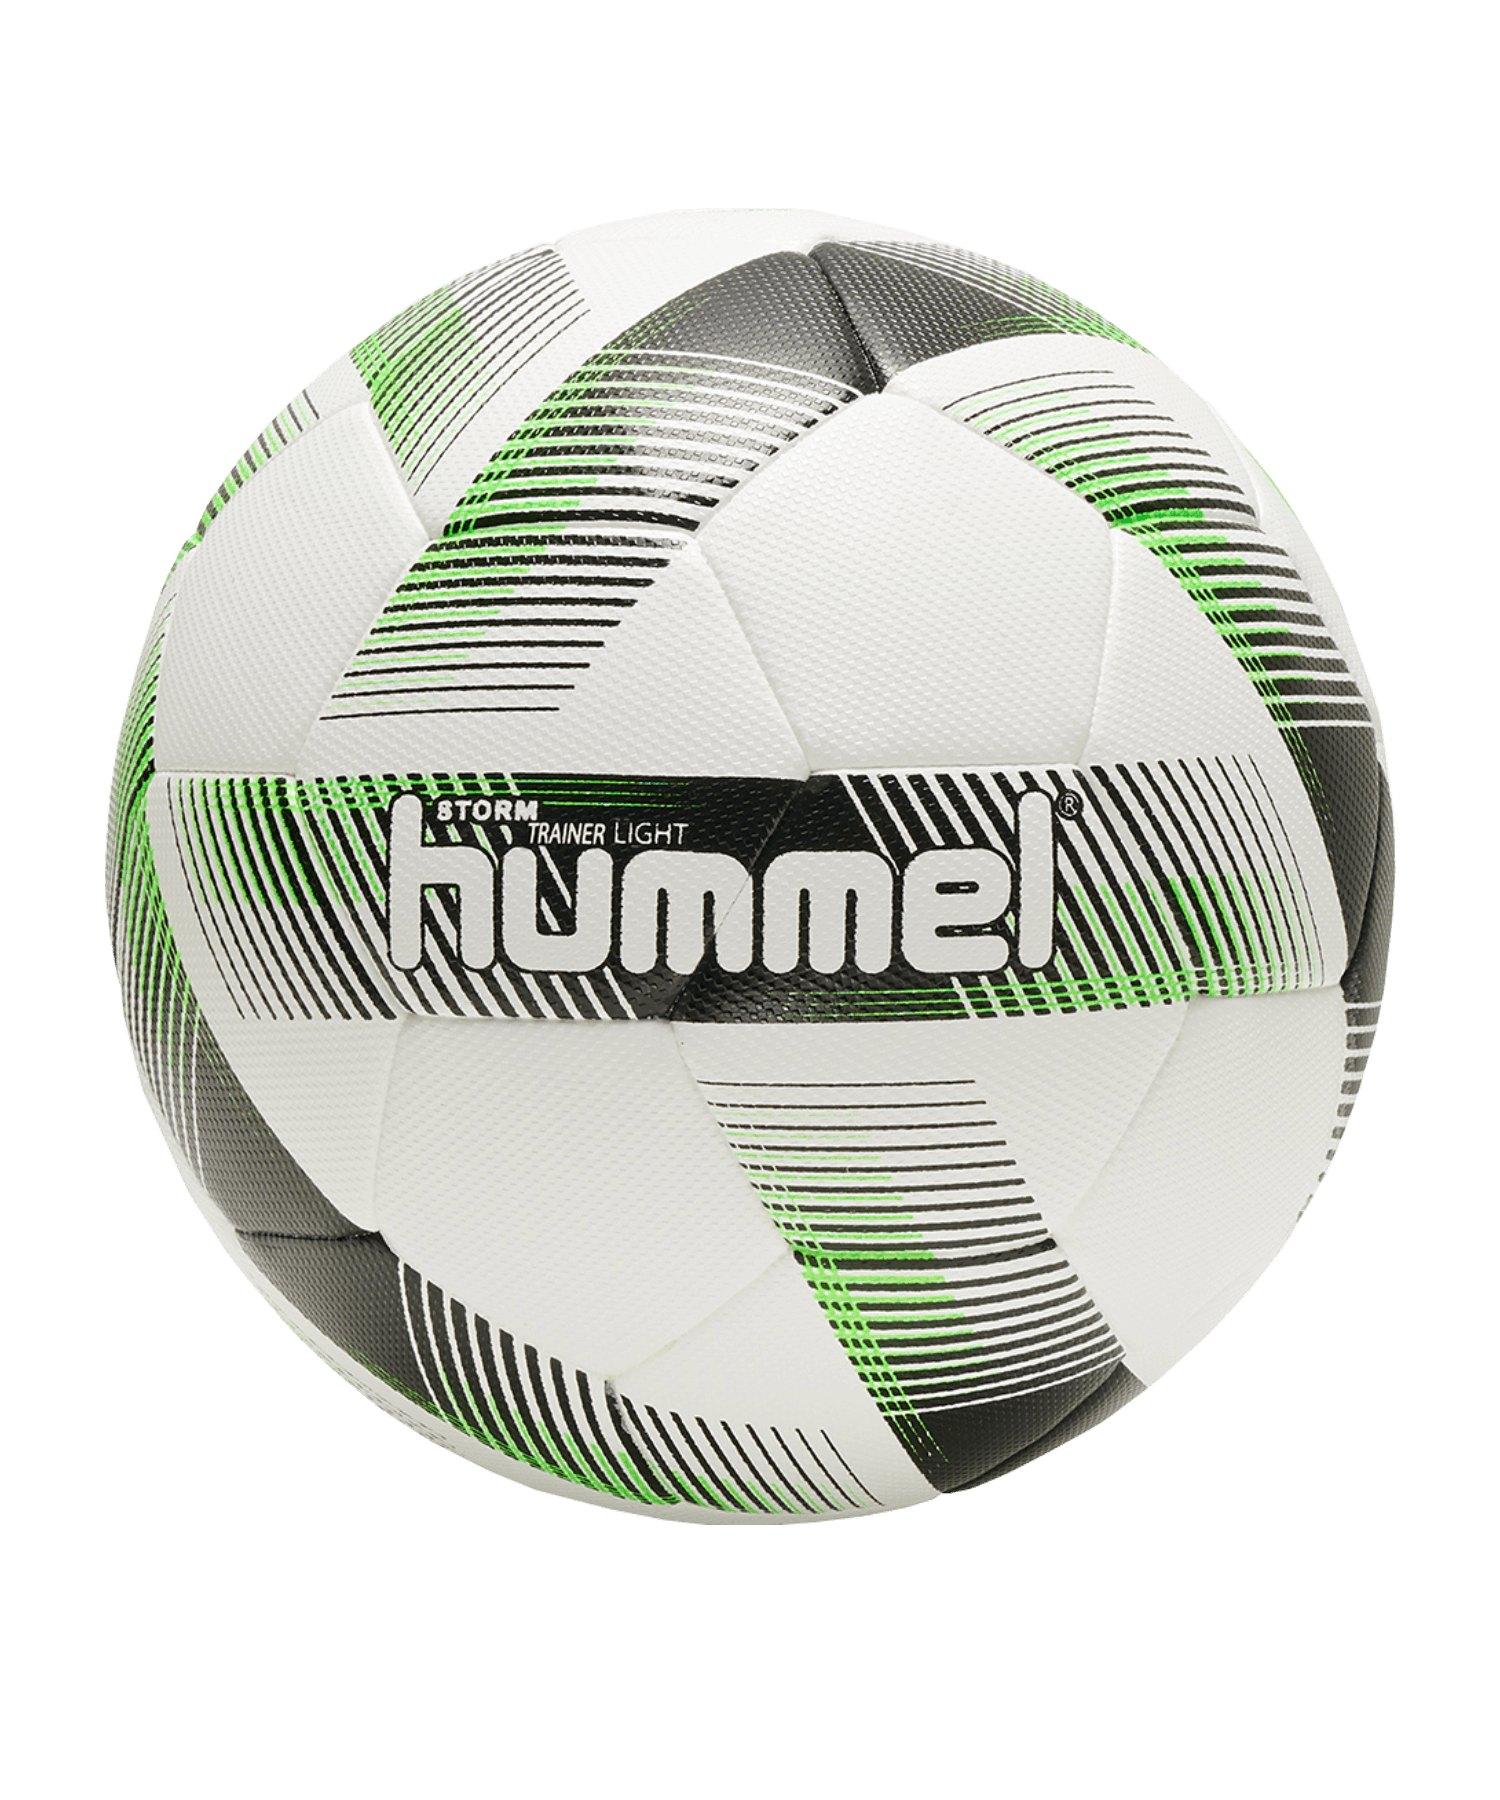 Hummel Storm Trainer Light Fussball 350 Gramm Weiss F9274 - Weiss